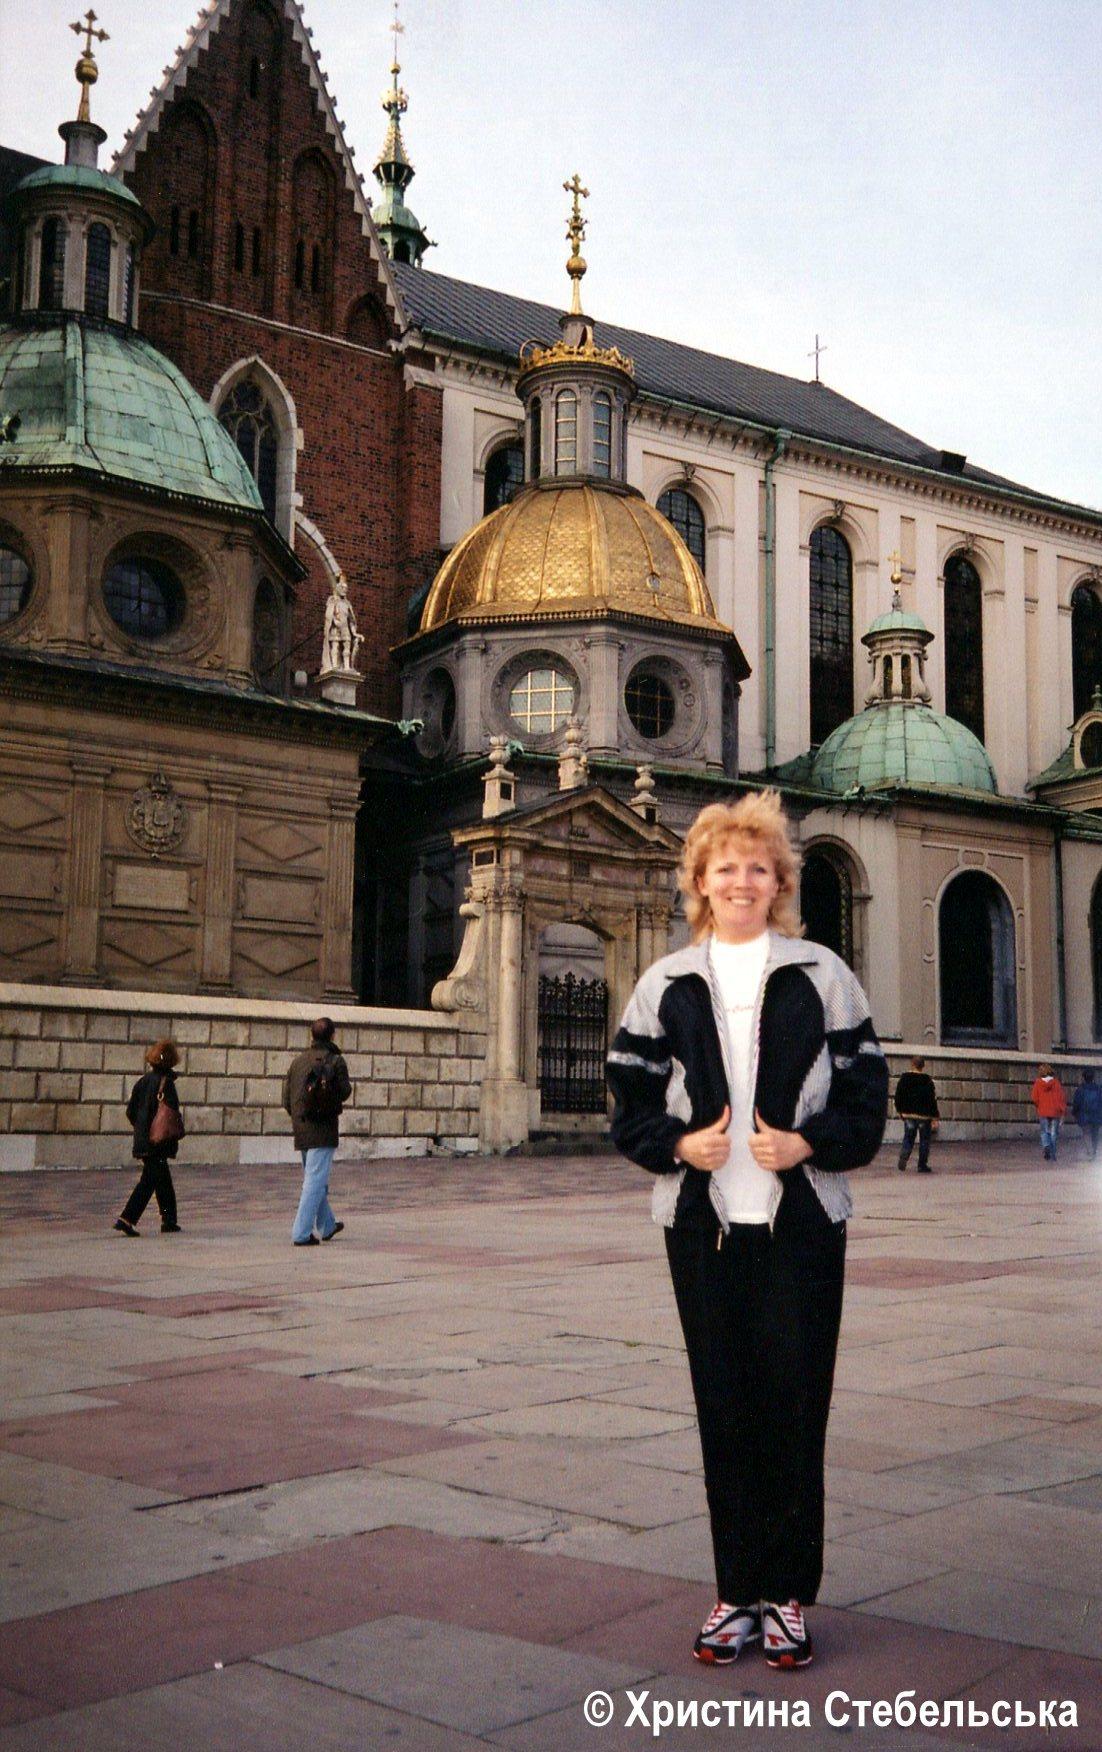 Велич, свобода і простір - за це варто поважати європейців!  Німеччина, серпень 2005 р.